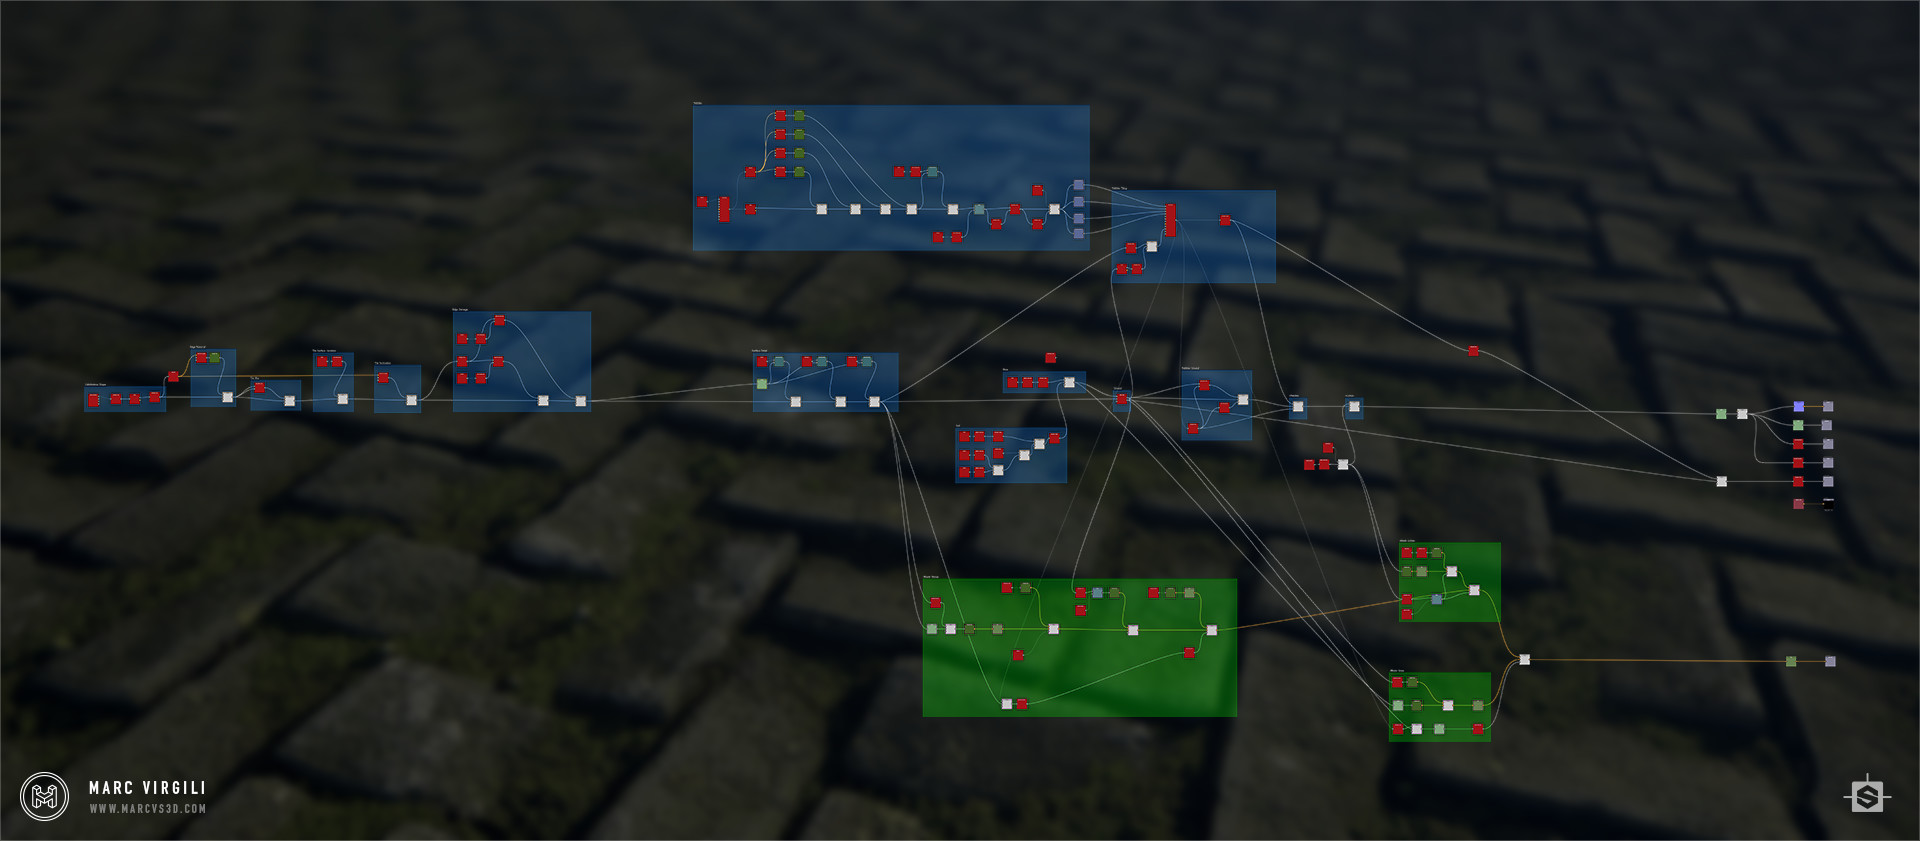 Marc virgili cobblestone graph